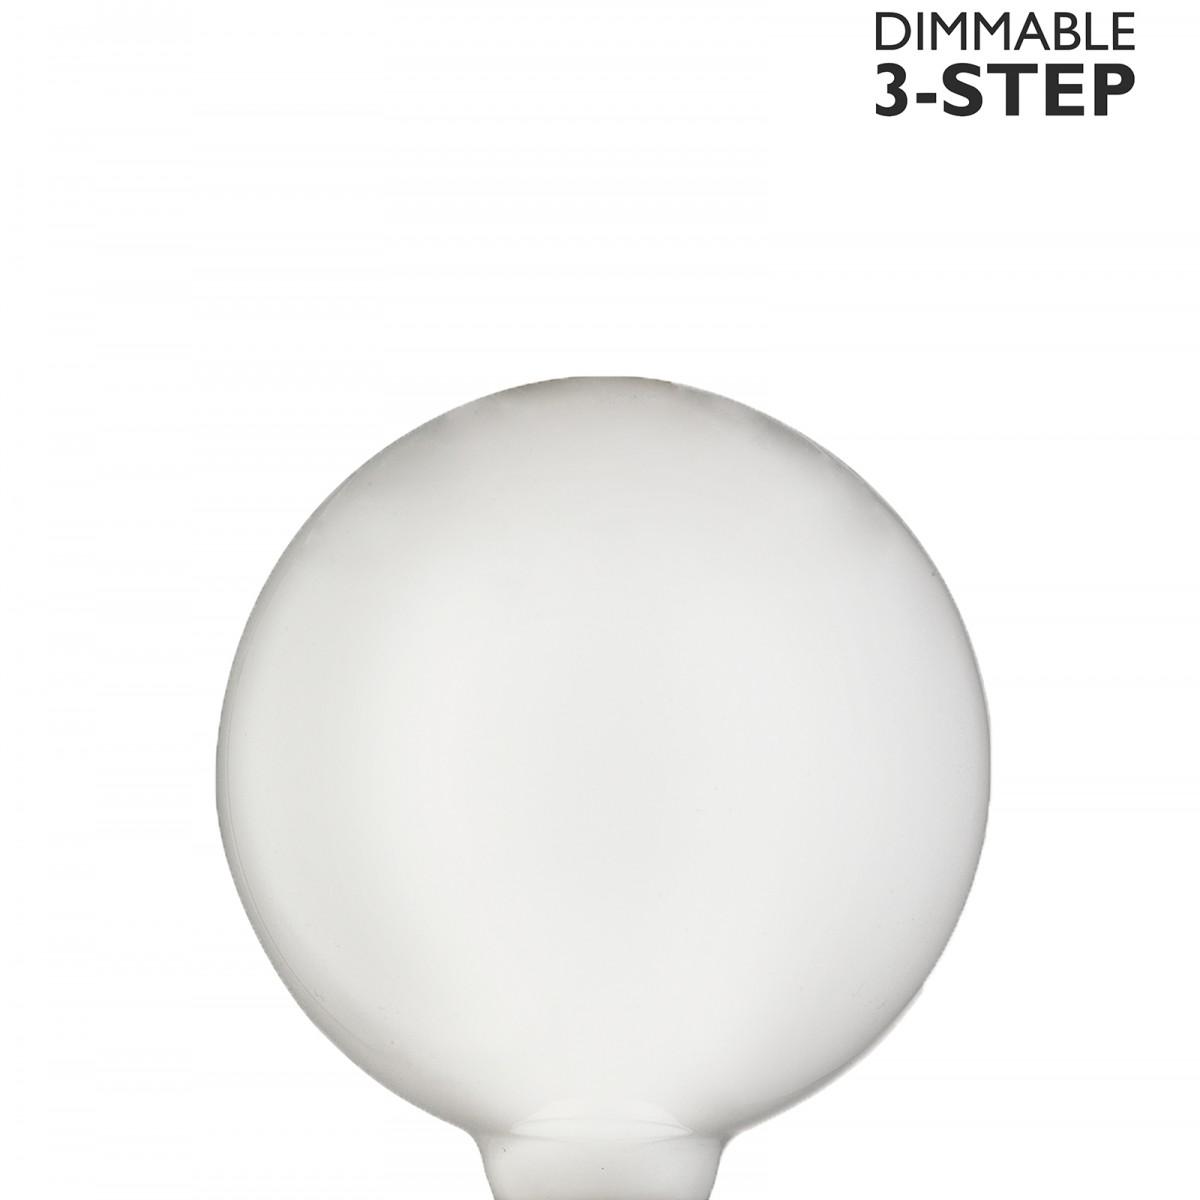 Bec LED dimabil L112, E27, 9.5cm, lumină caldă